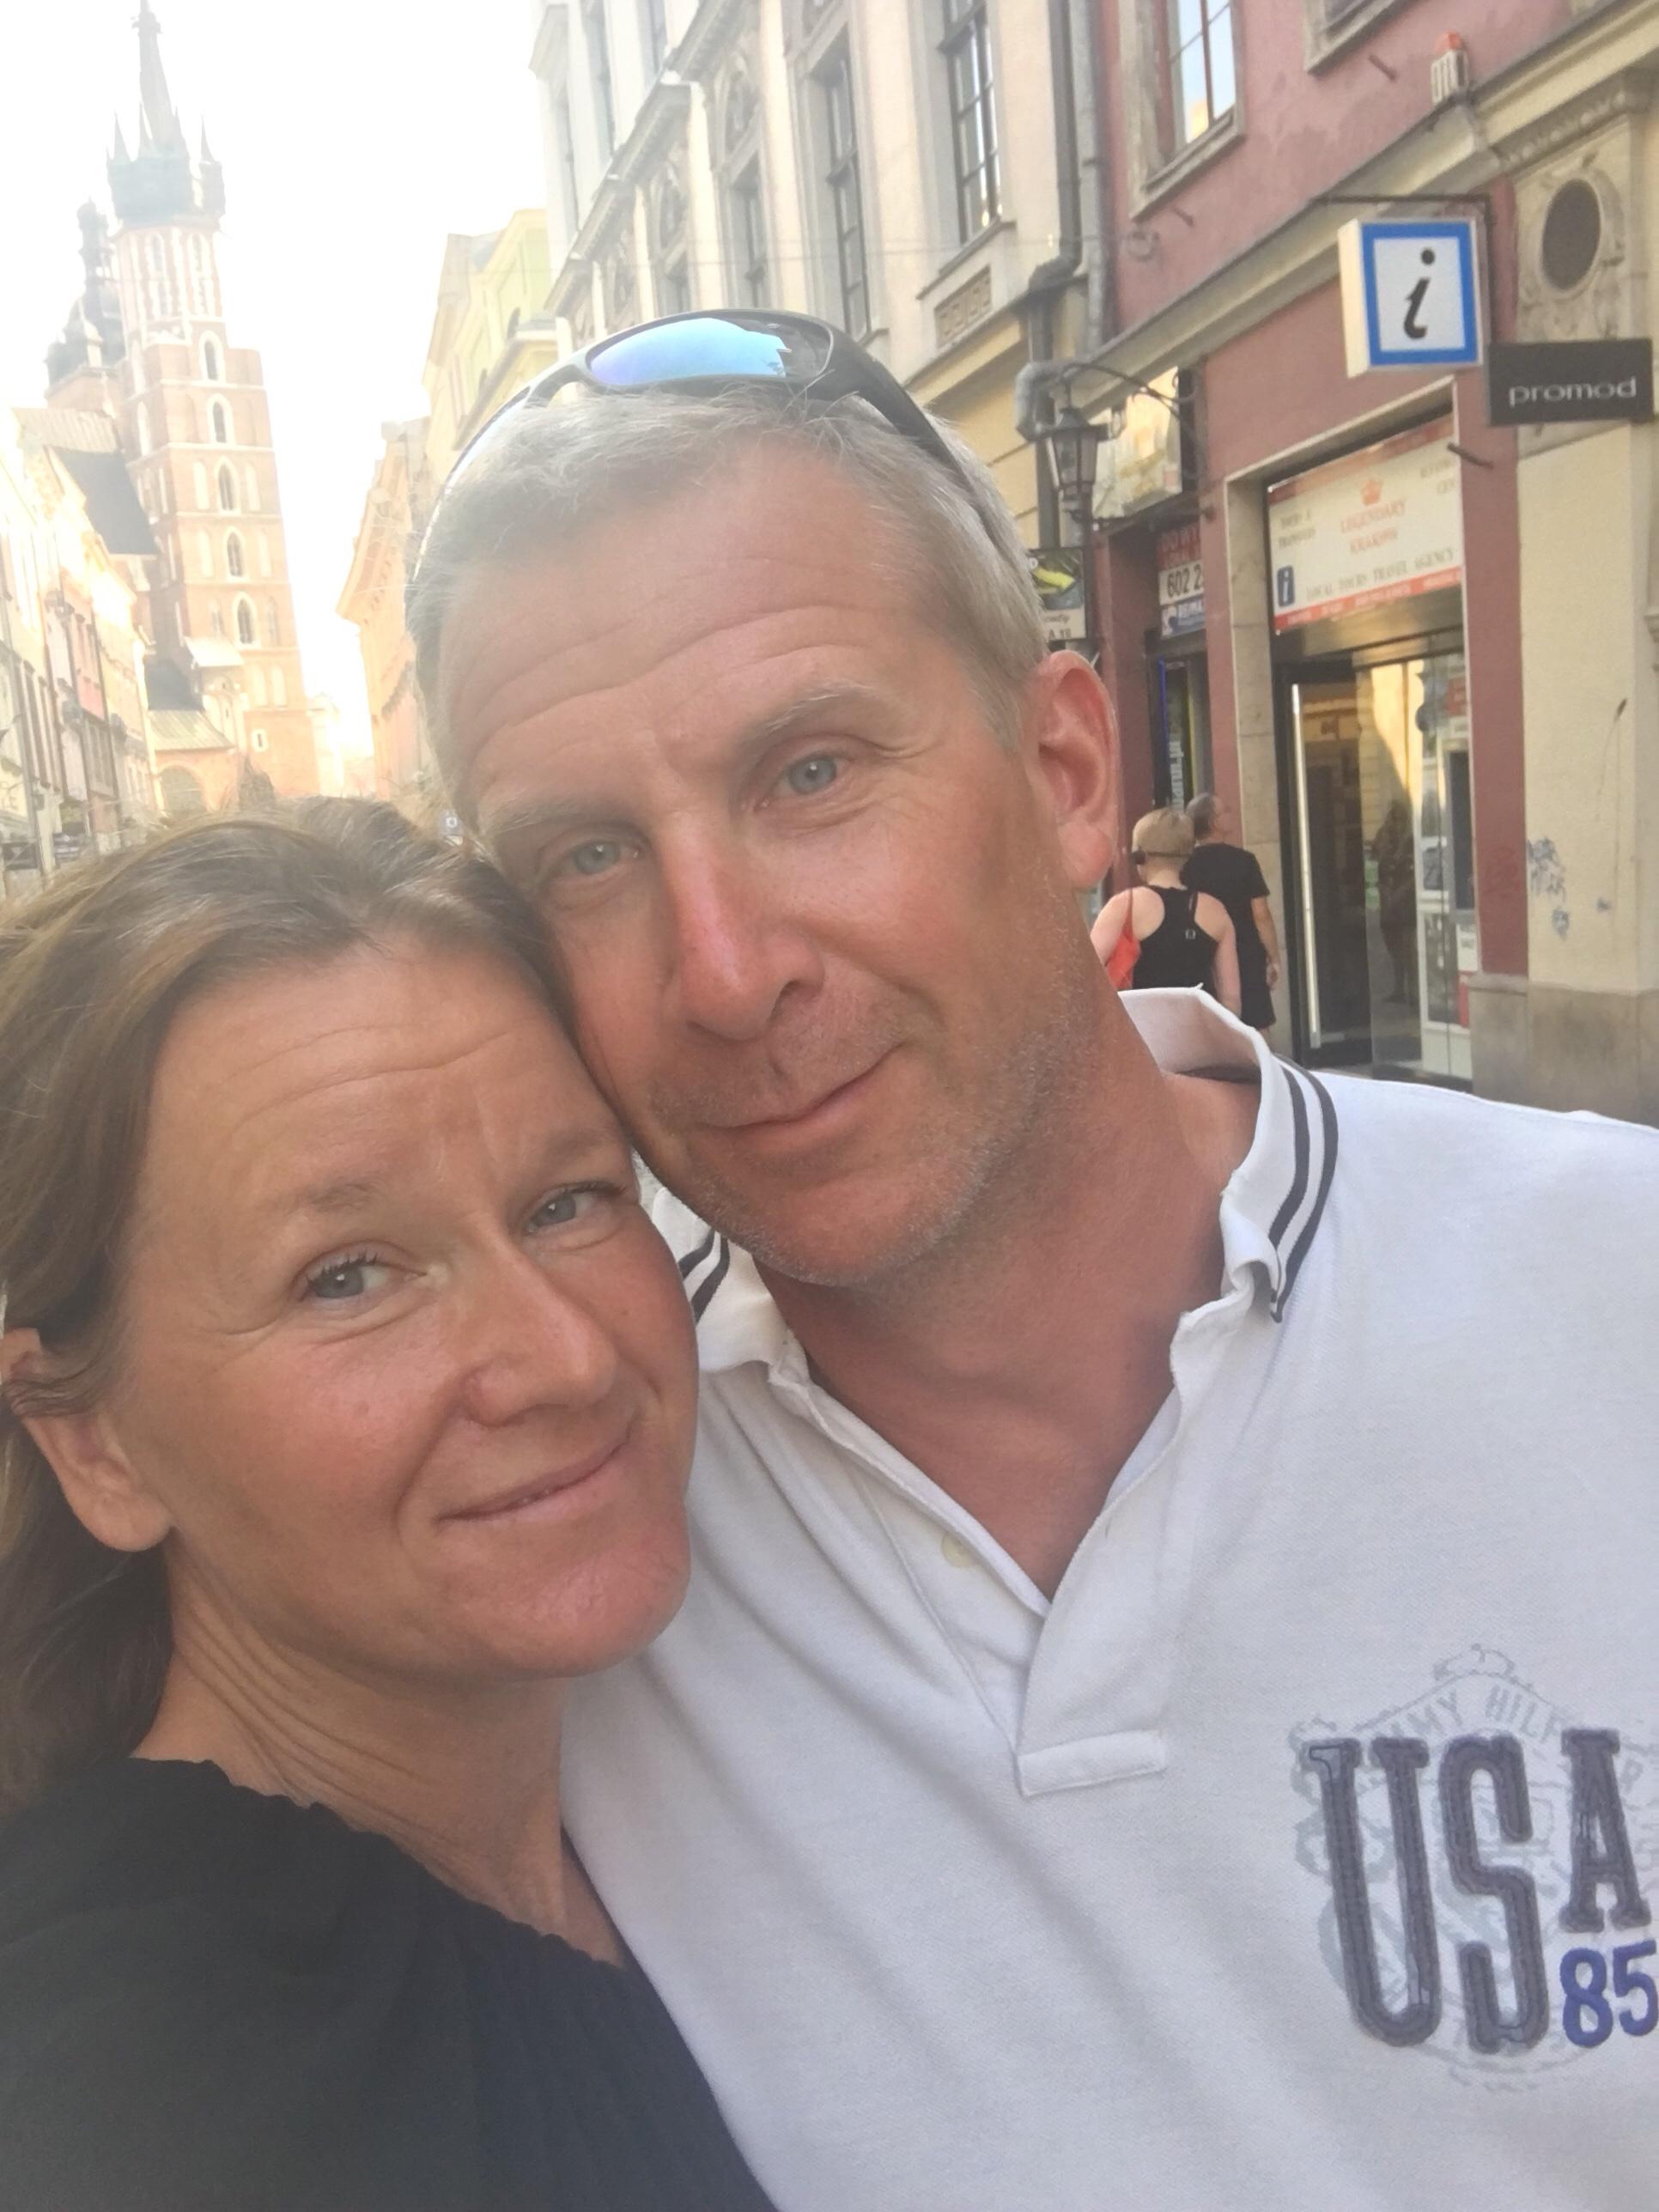 mogna dating Eastbourne